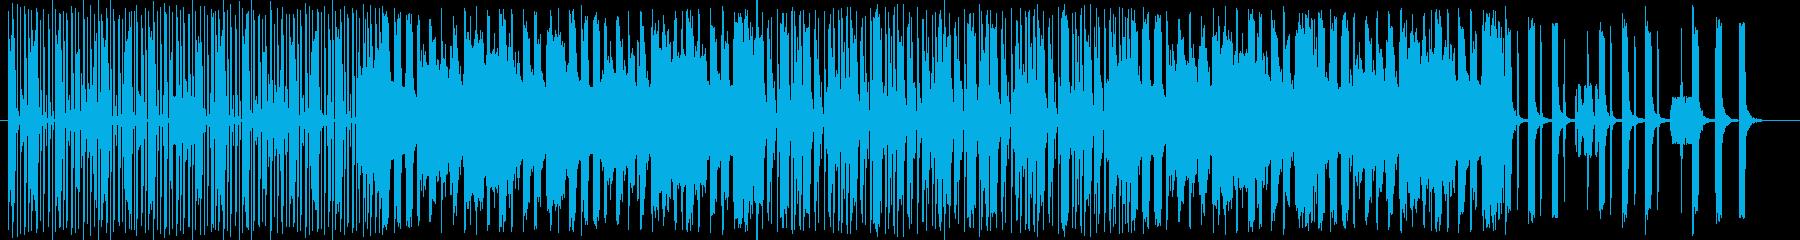 動物の声を取り入れたジャングルソングの再生済みの波形